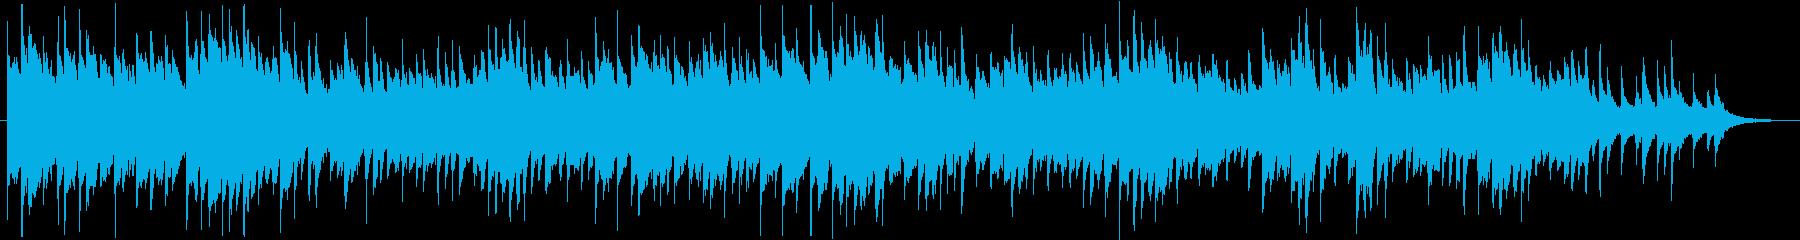 シンプルでアンビエントなピアノ曲の再生済みの波形